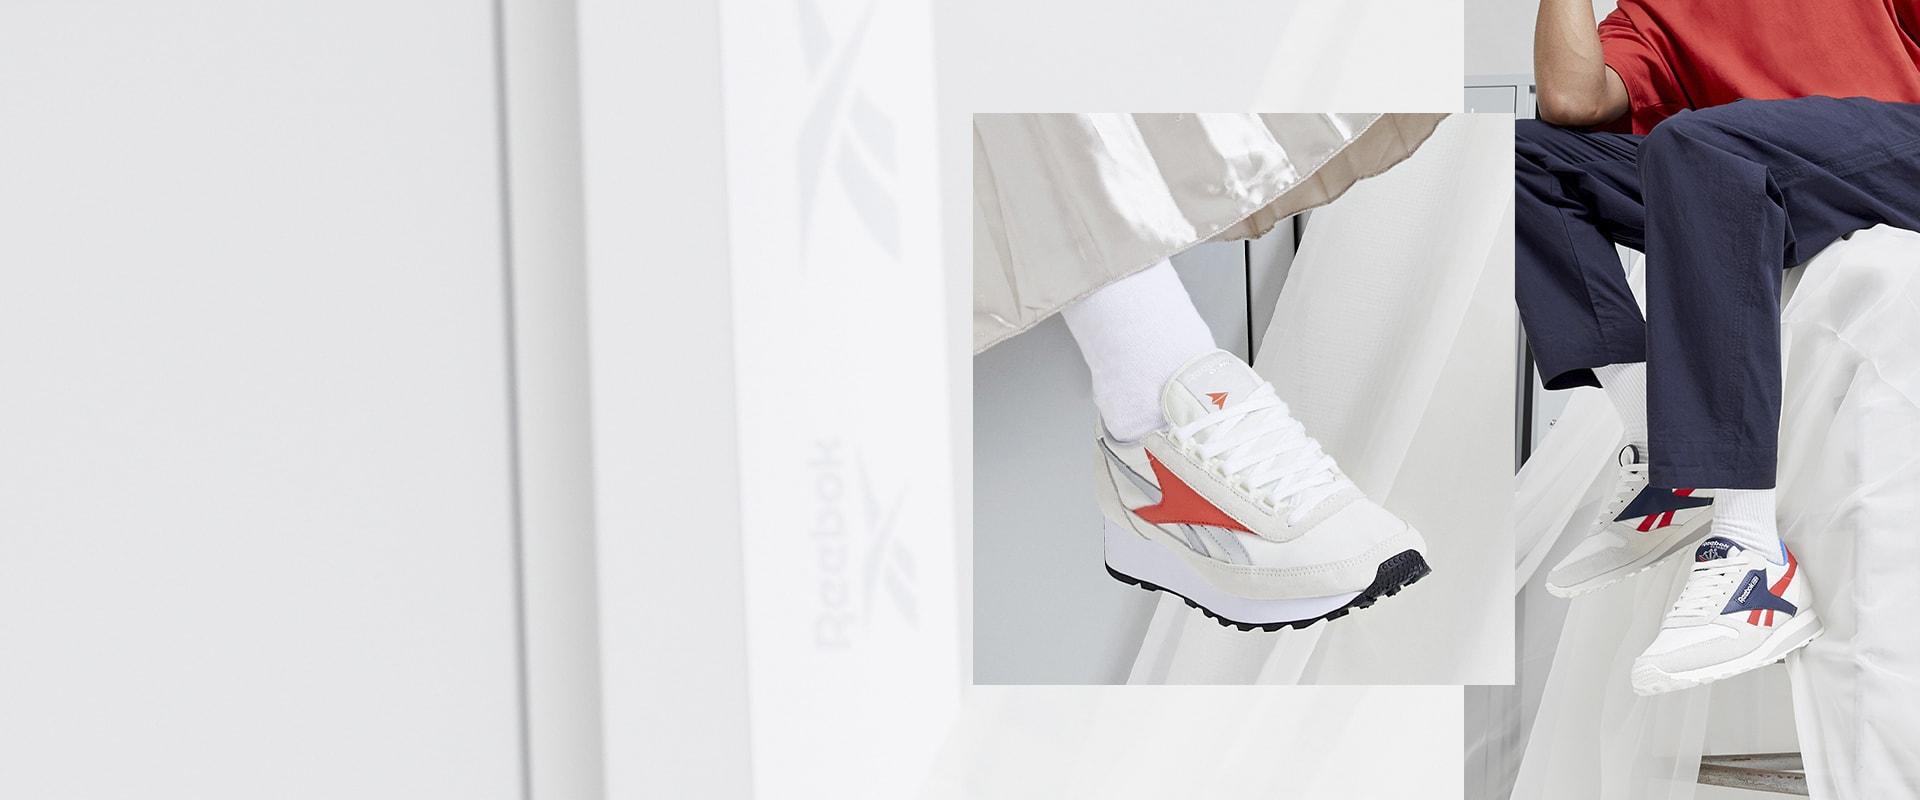 Sportbekleidung & Schuhe | Reebok Online Shop Deutschland